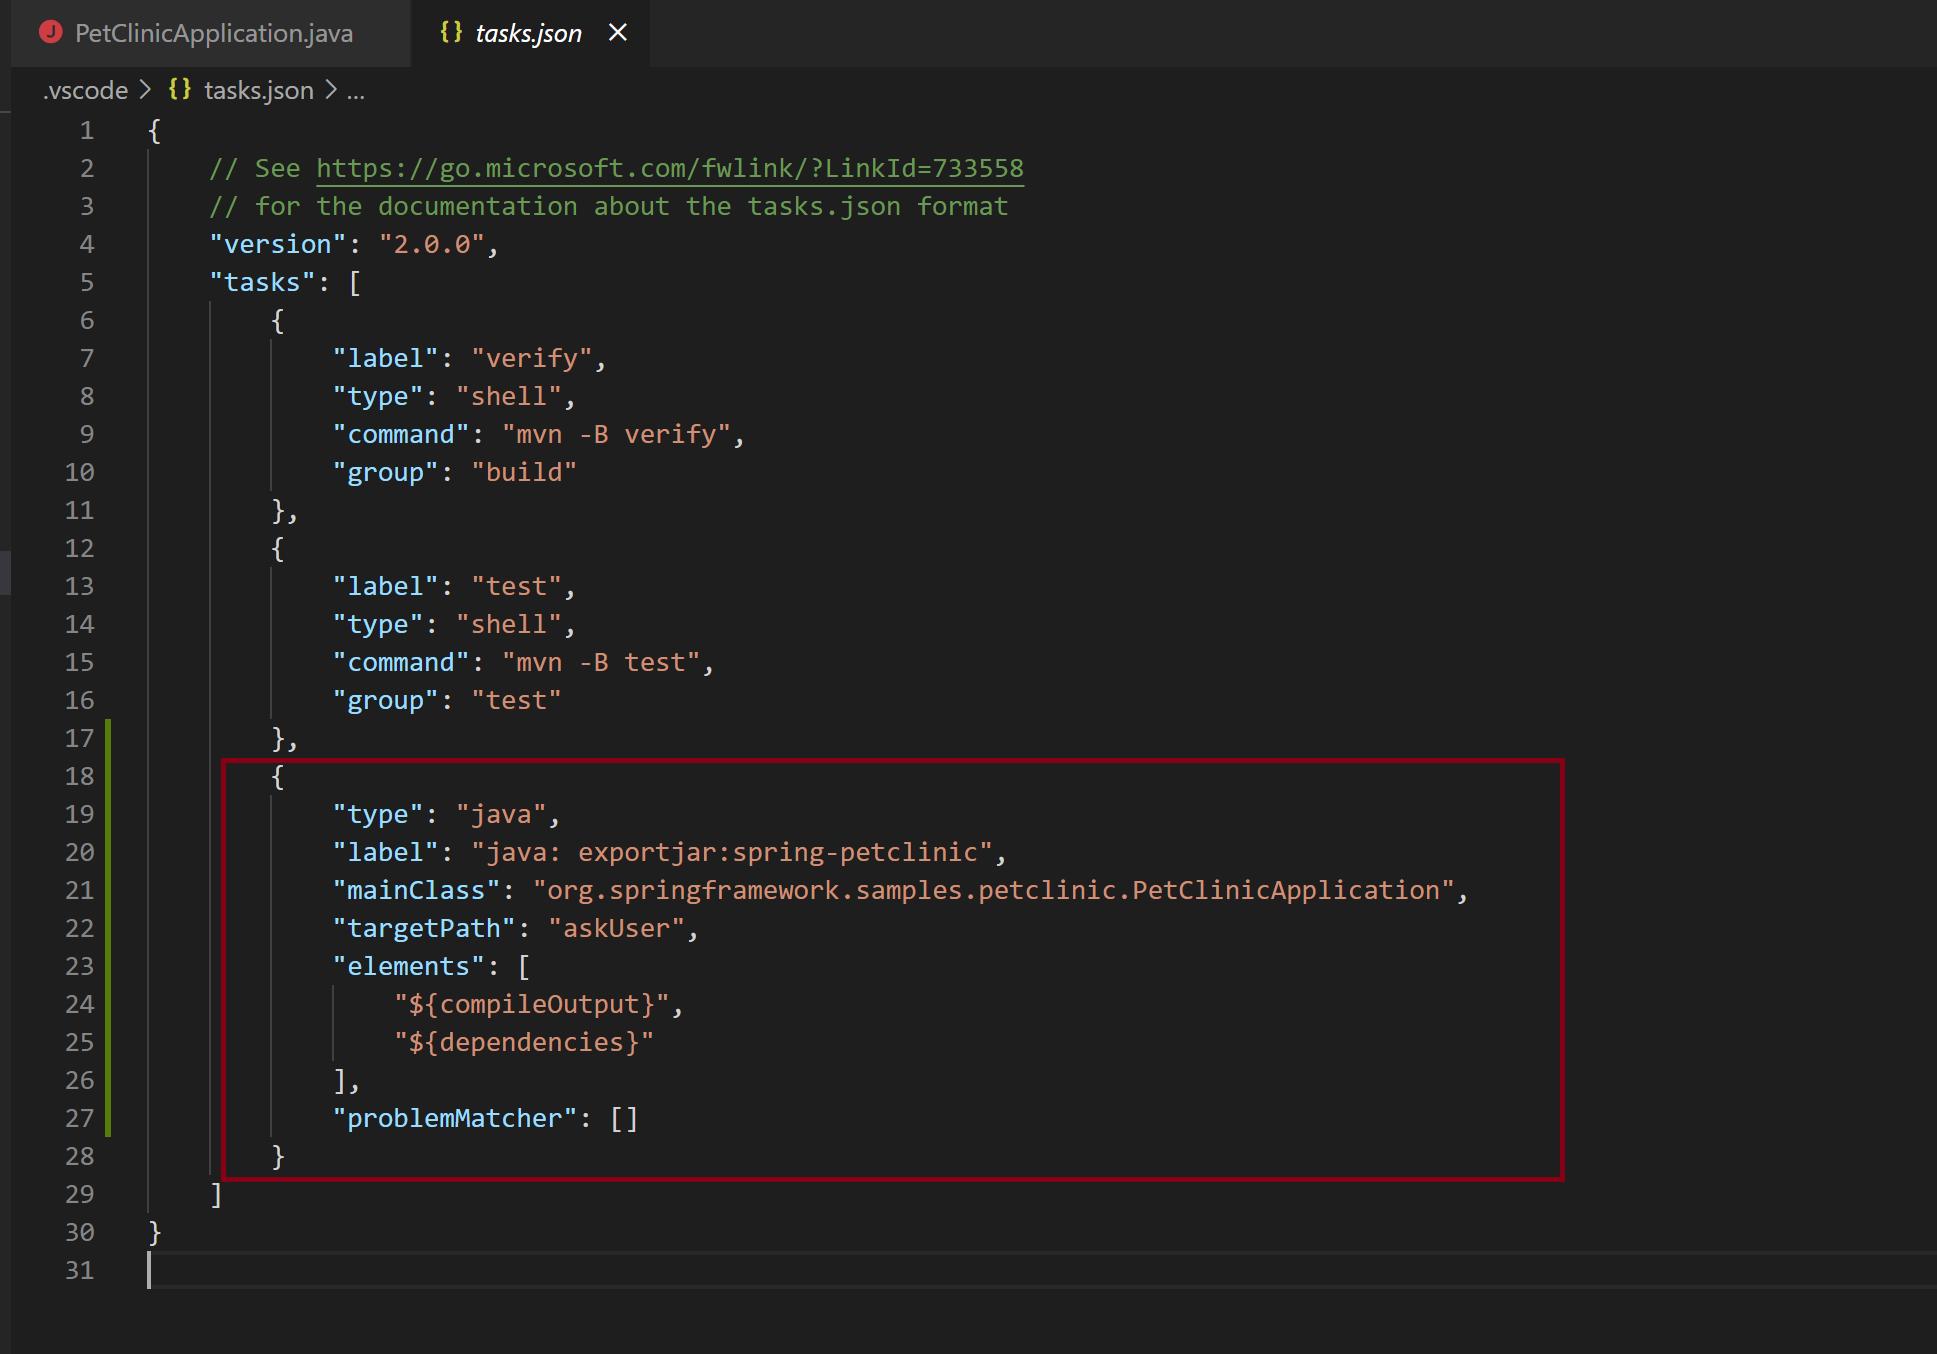 Image Exporting JAR using custom task